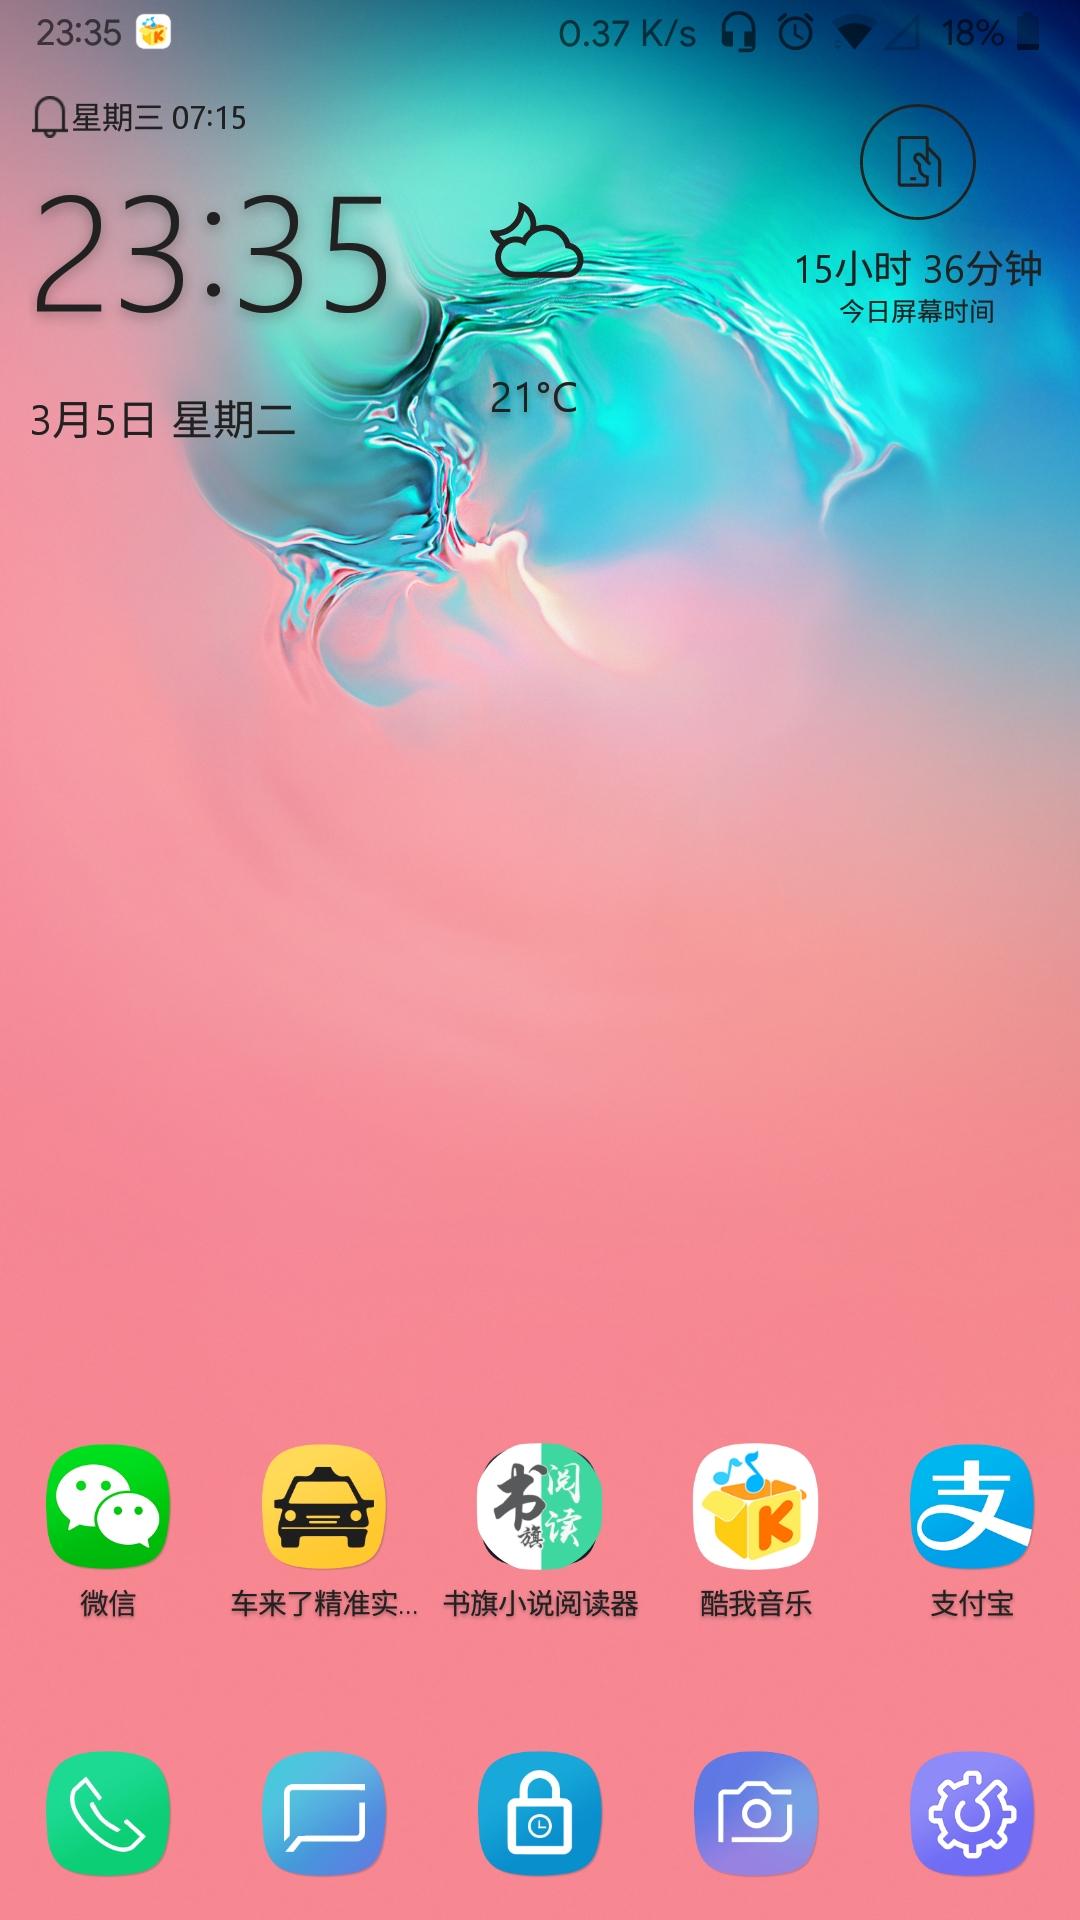 Screenshot_20190305-233553.jpg